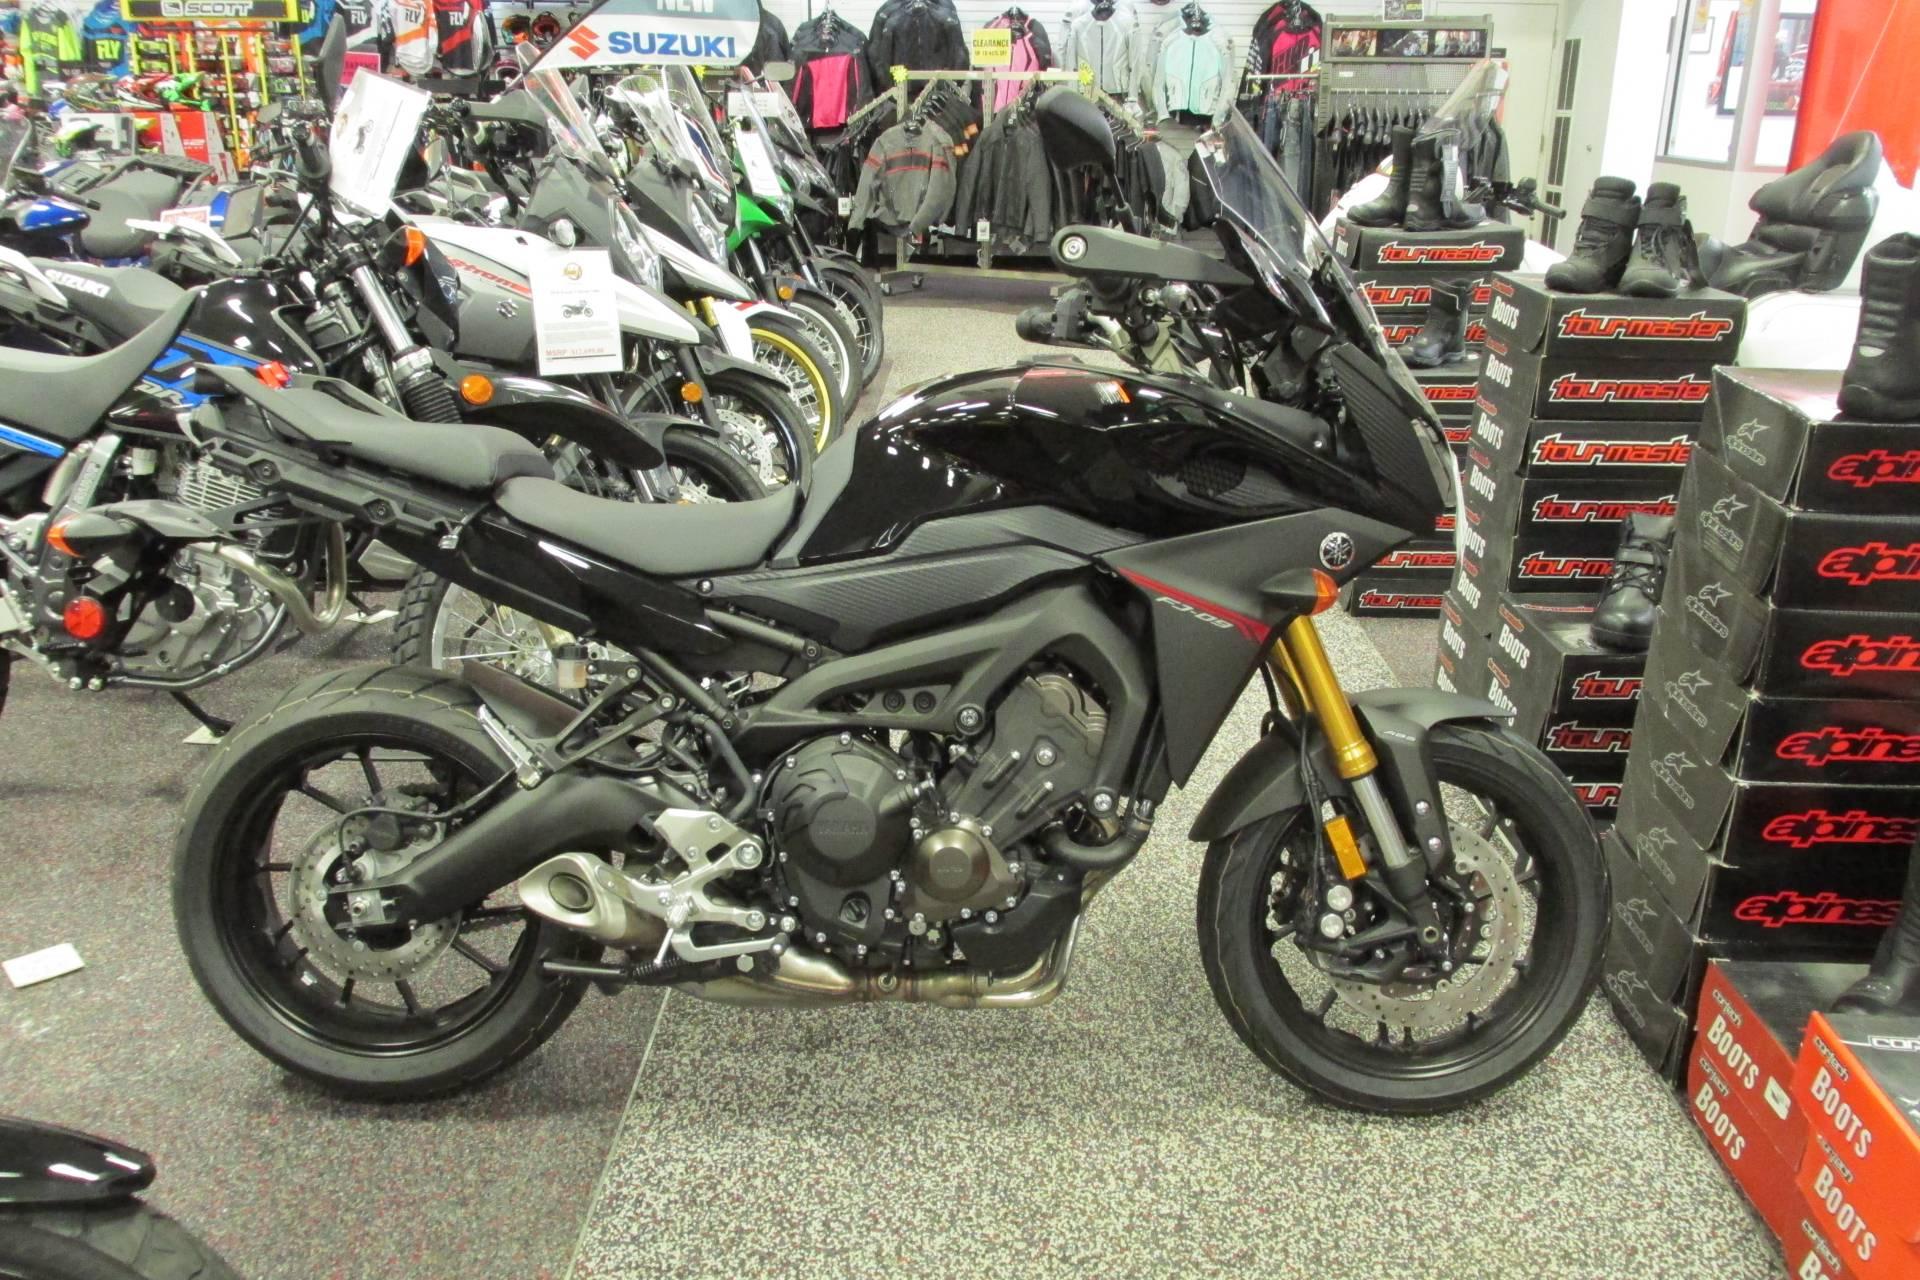 2016 Yamaha FJ09 1